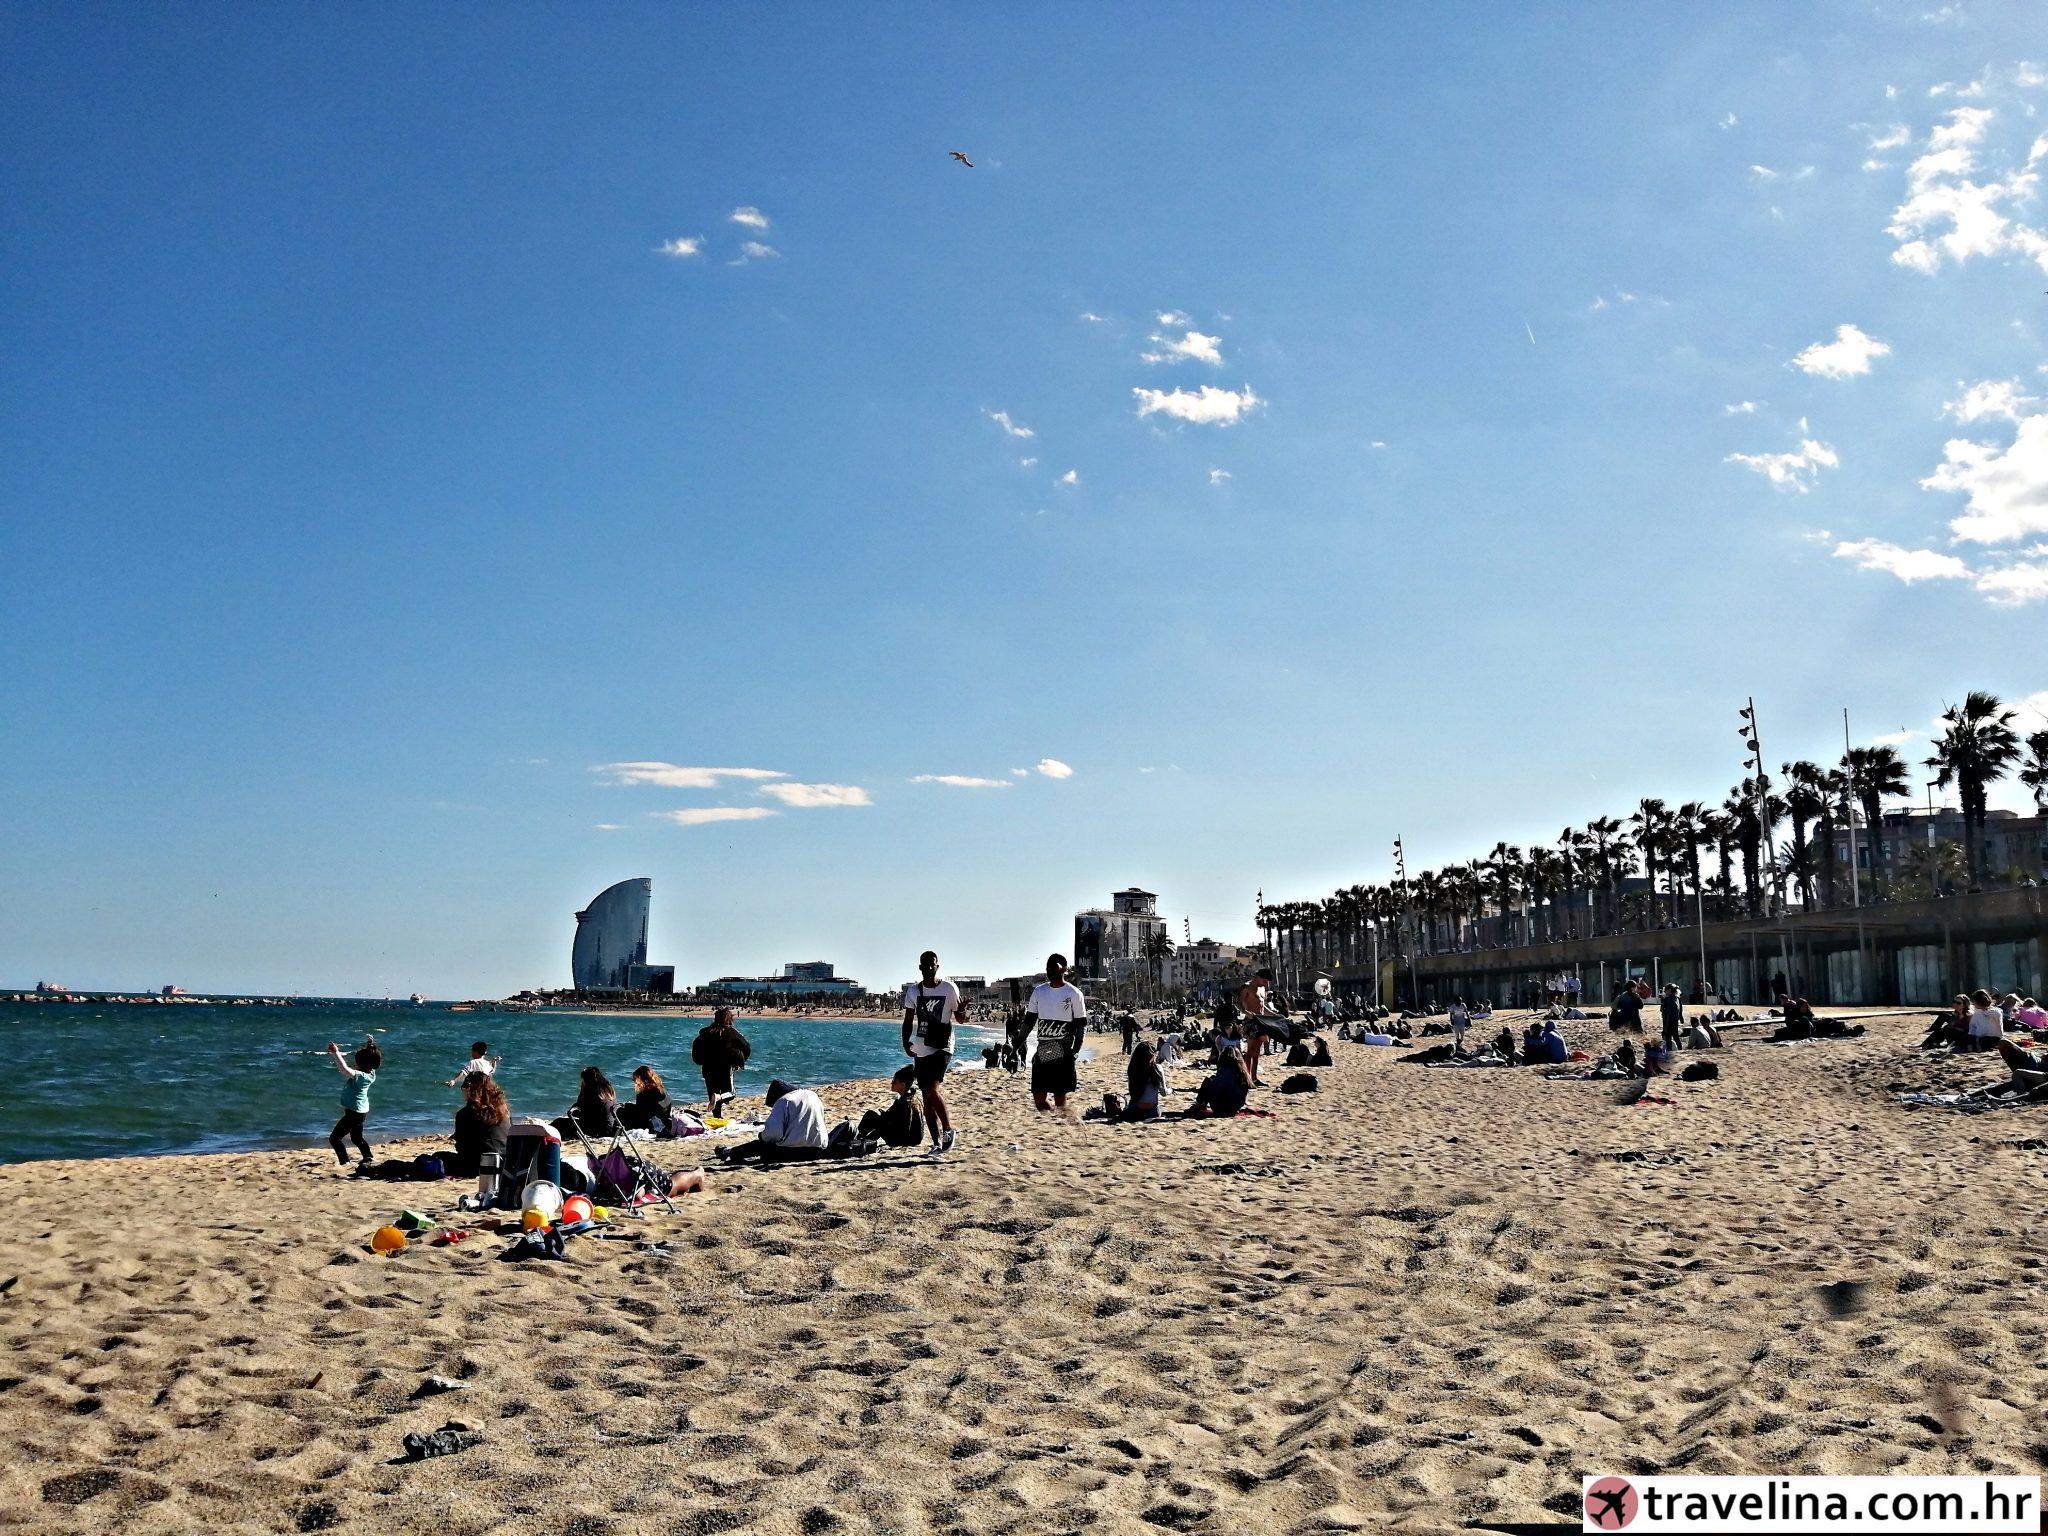 Playa Barceloneta, pogled na W barcelona hotel tower